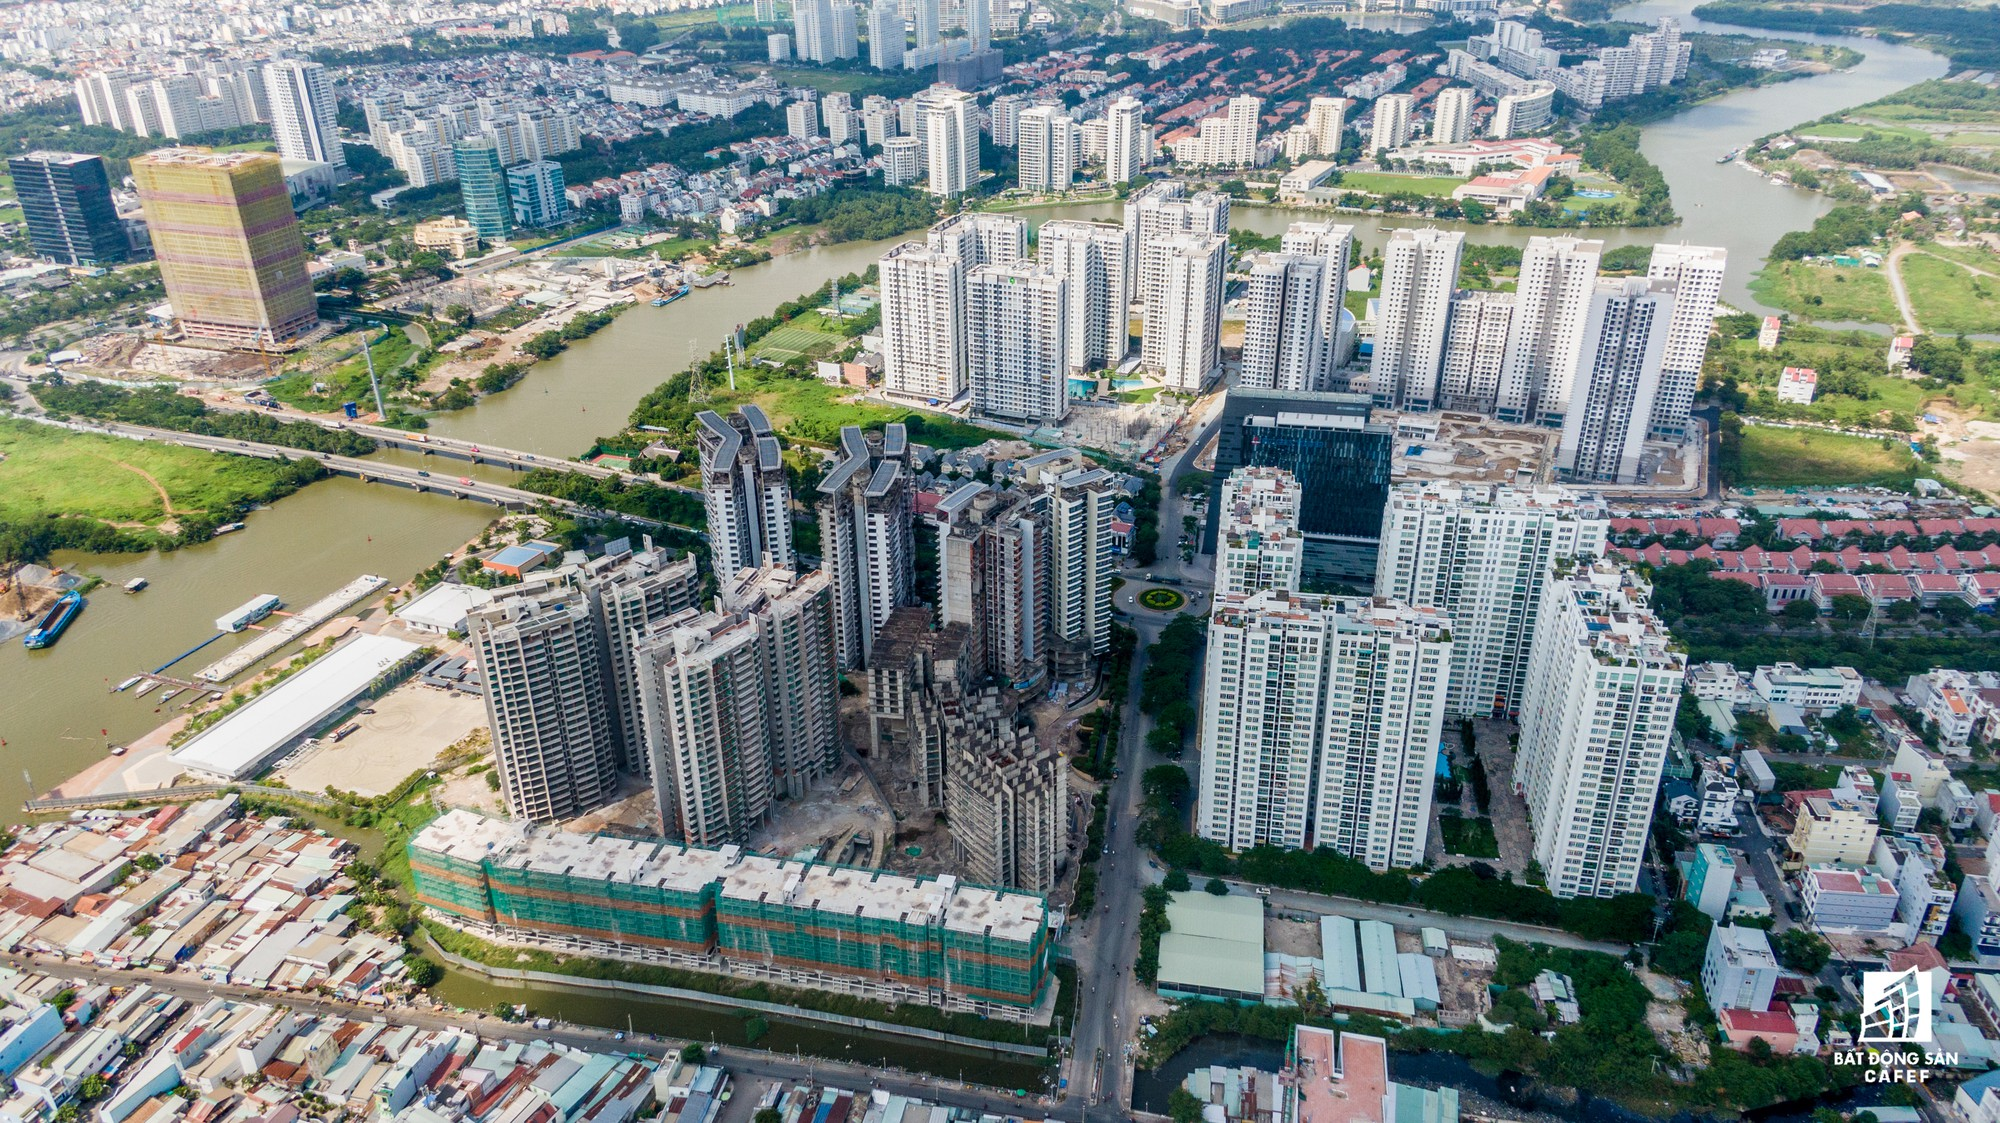 Toàn cảnh đại lộ tỷ đô đã tạo nên một thị trường bất động sản rất riêng cho khu Nam Sài Gòn - Ảnh 24. Toàn cảnh đại lộ tỷ đô đã tạo nên một thị trường bất động sản rất riêng cho khu Nam Sài Gòn Toàn cảnh đại lộ tỷ đô đã tạo nên một thị trường bất động sản rất riêng cho khu Nam Sài Gòn hinh 36 1567220952537426135293